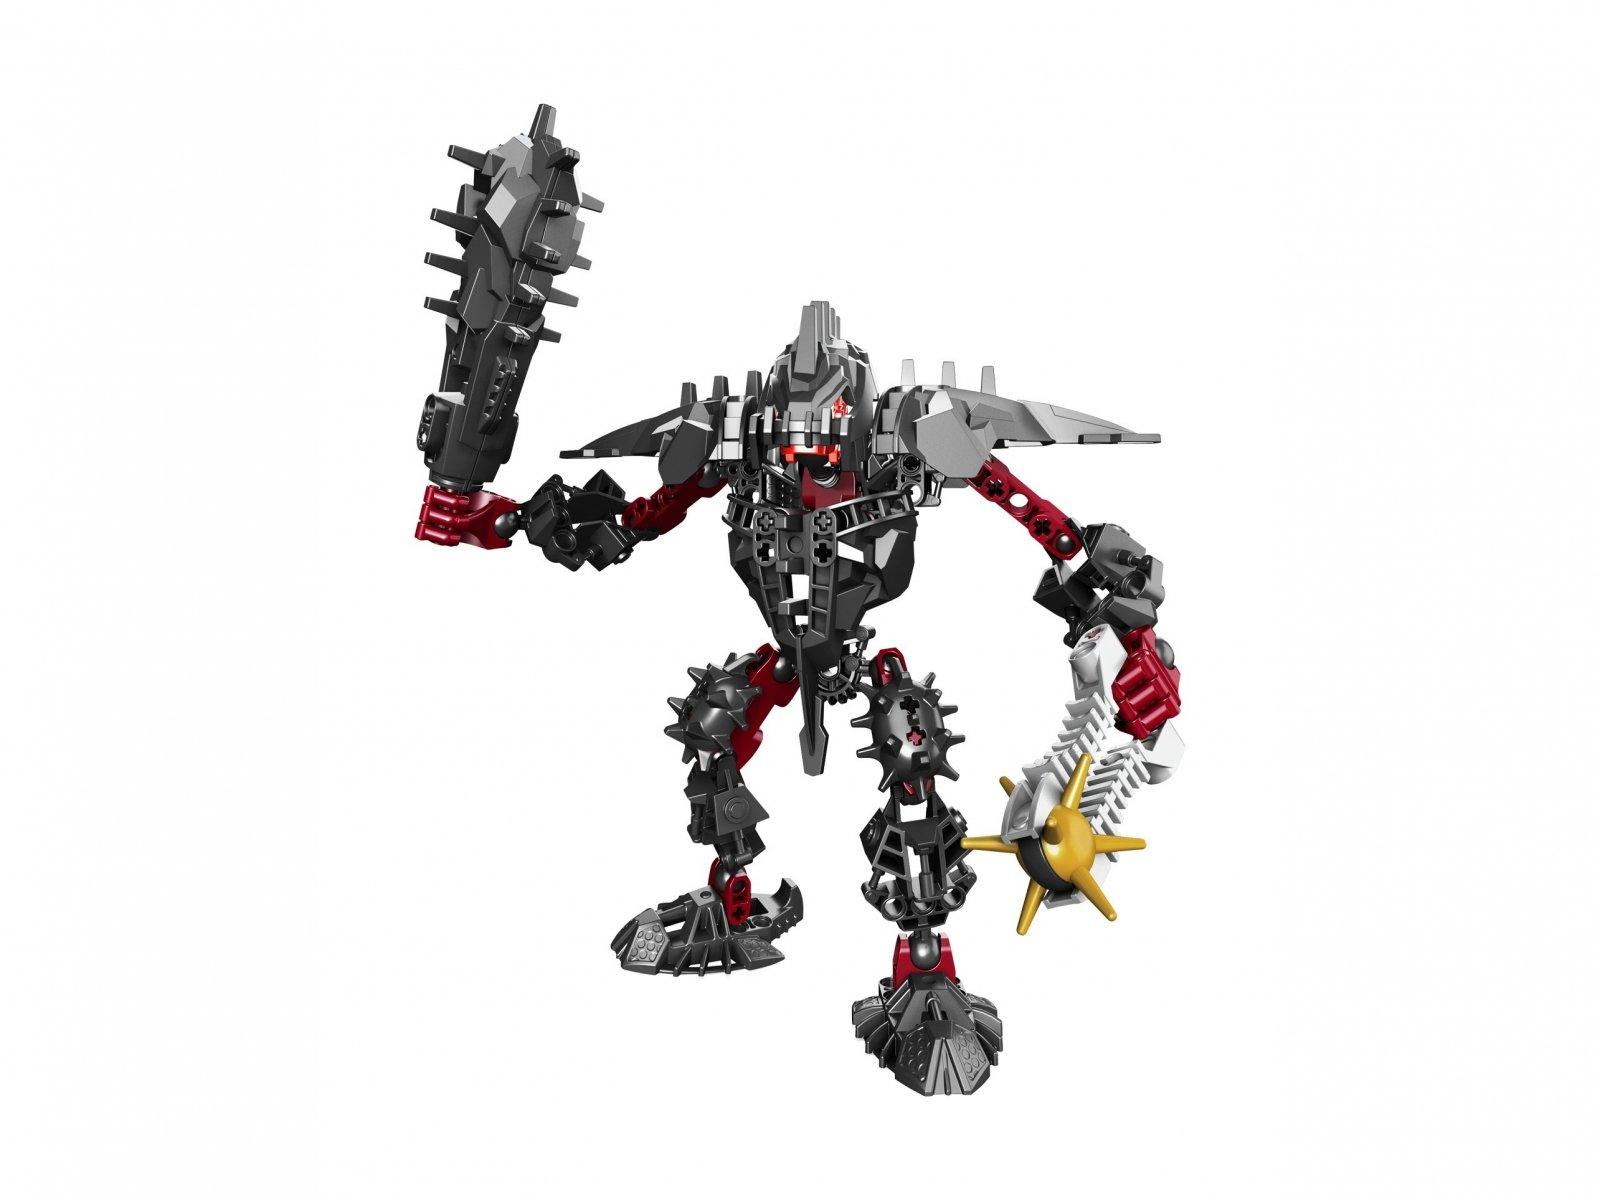 LEGO Bionicle® 8984 Stronius